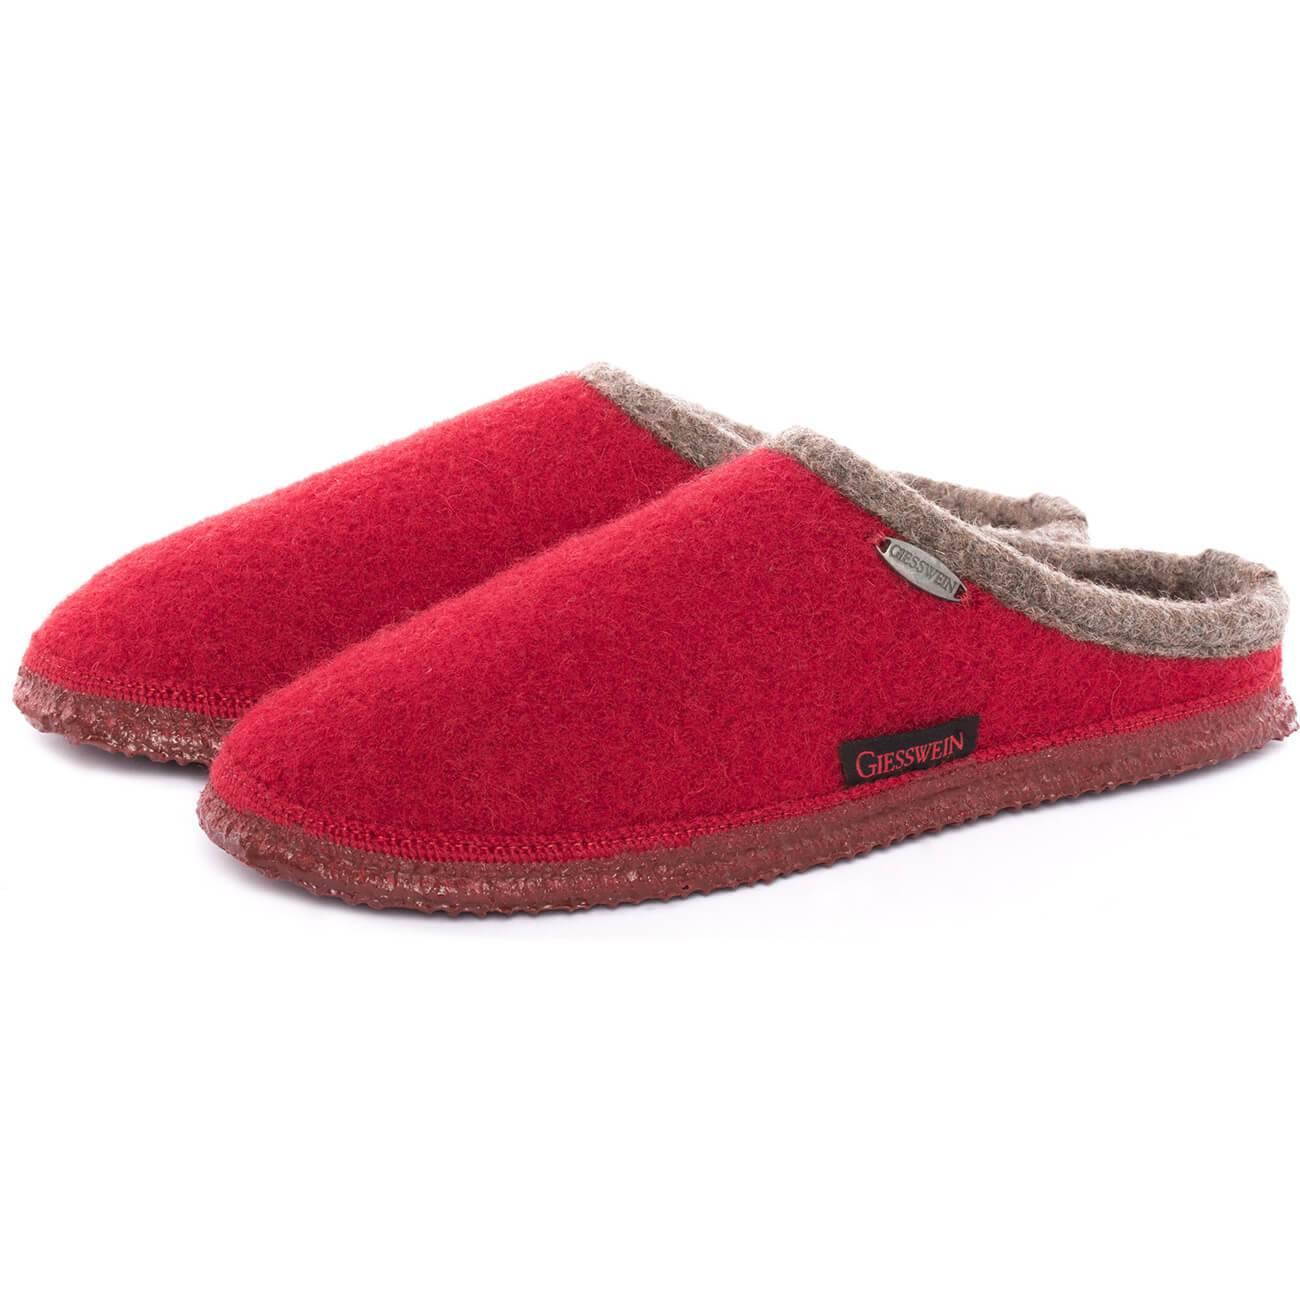 Giesswein Dannheim rot kirsche kirsche Schuhe Pantoffel Hausschuhe Damen